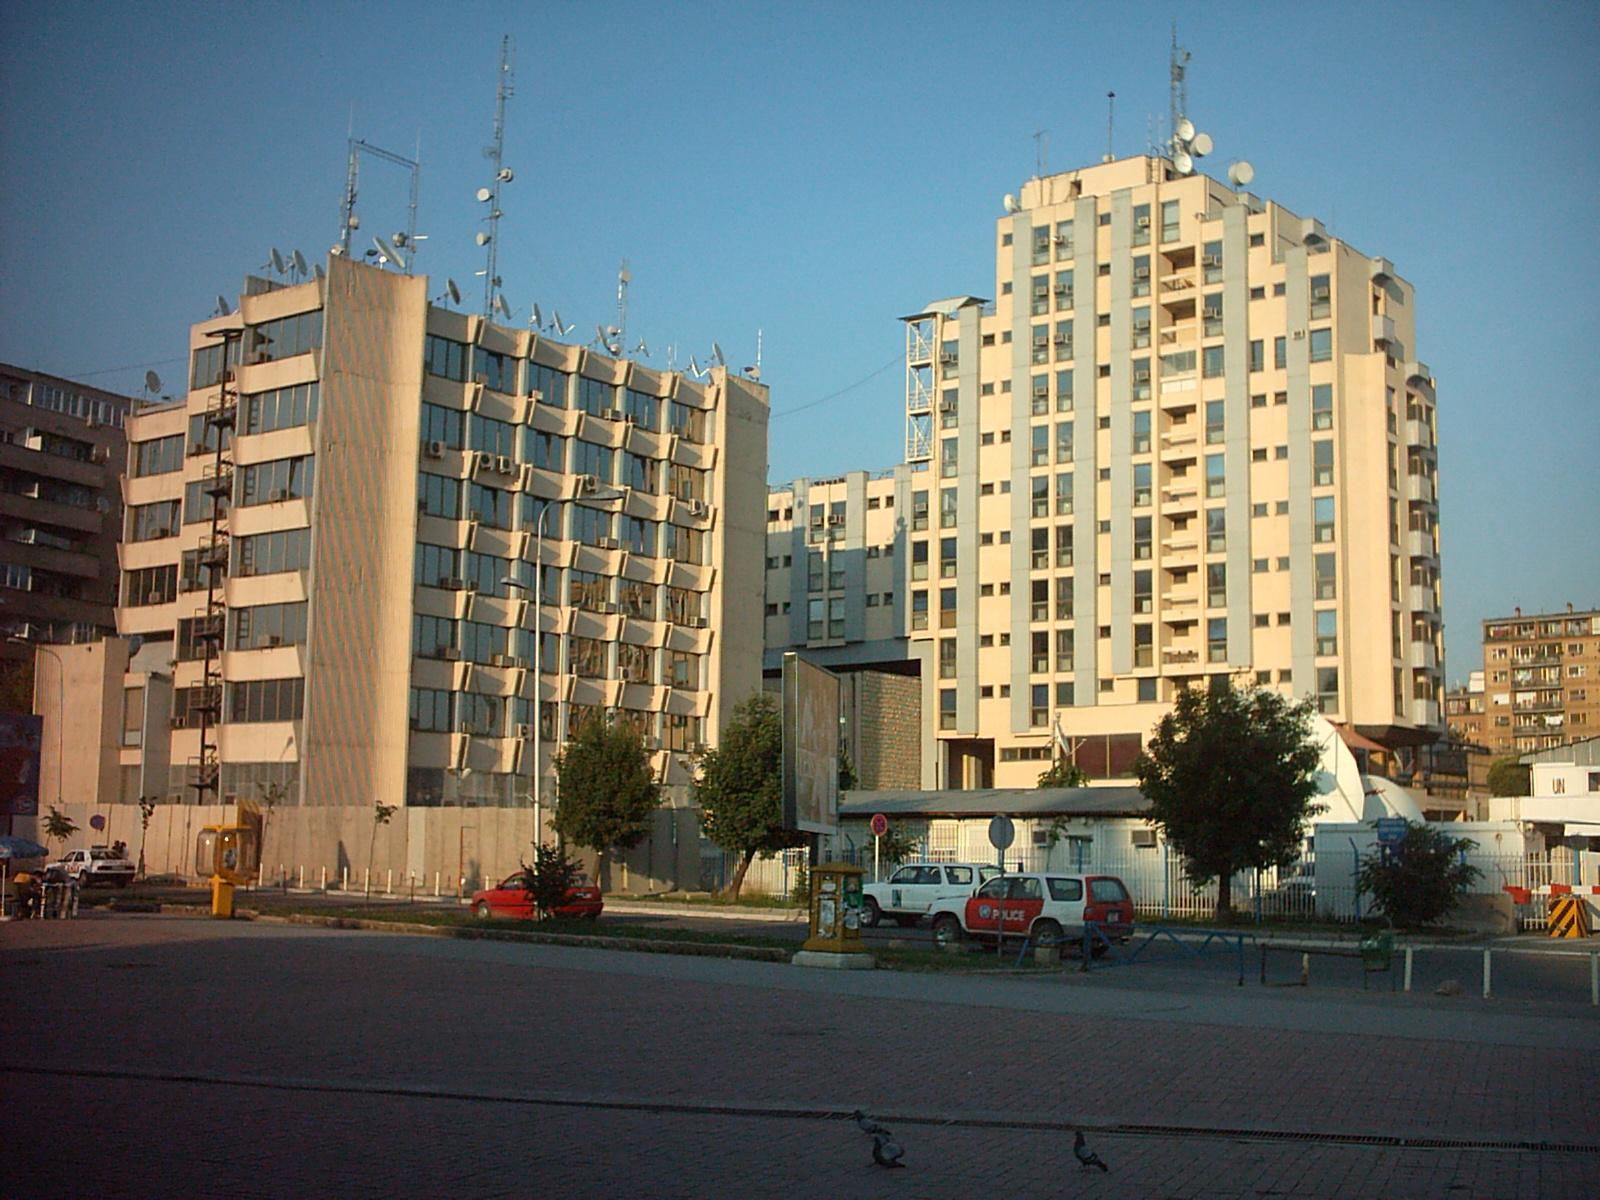 Hauptquartier der UNMIK in der Hauptstadt Priština